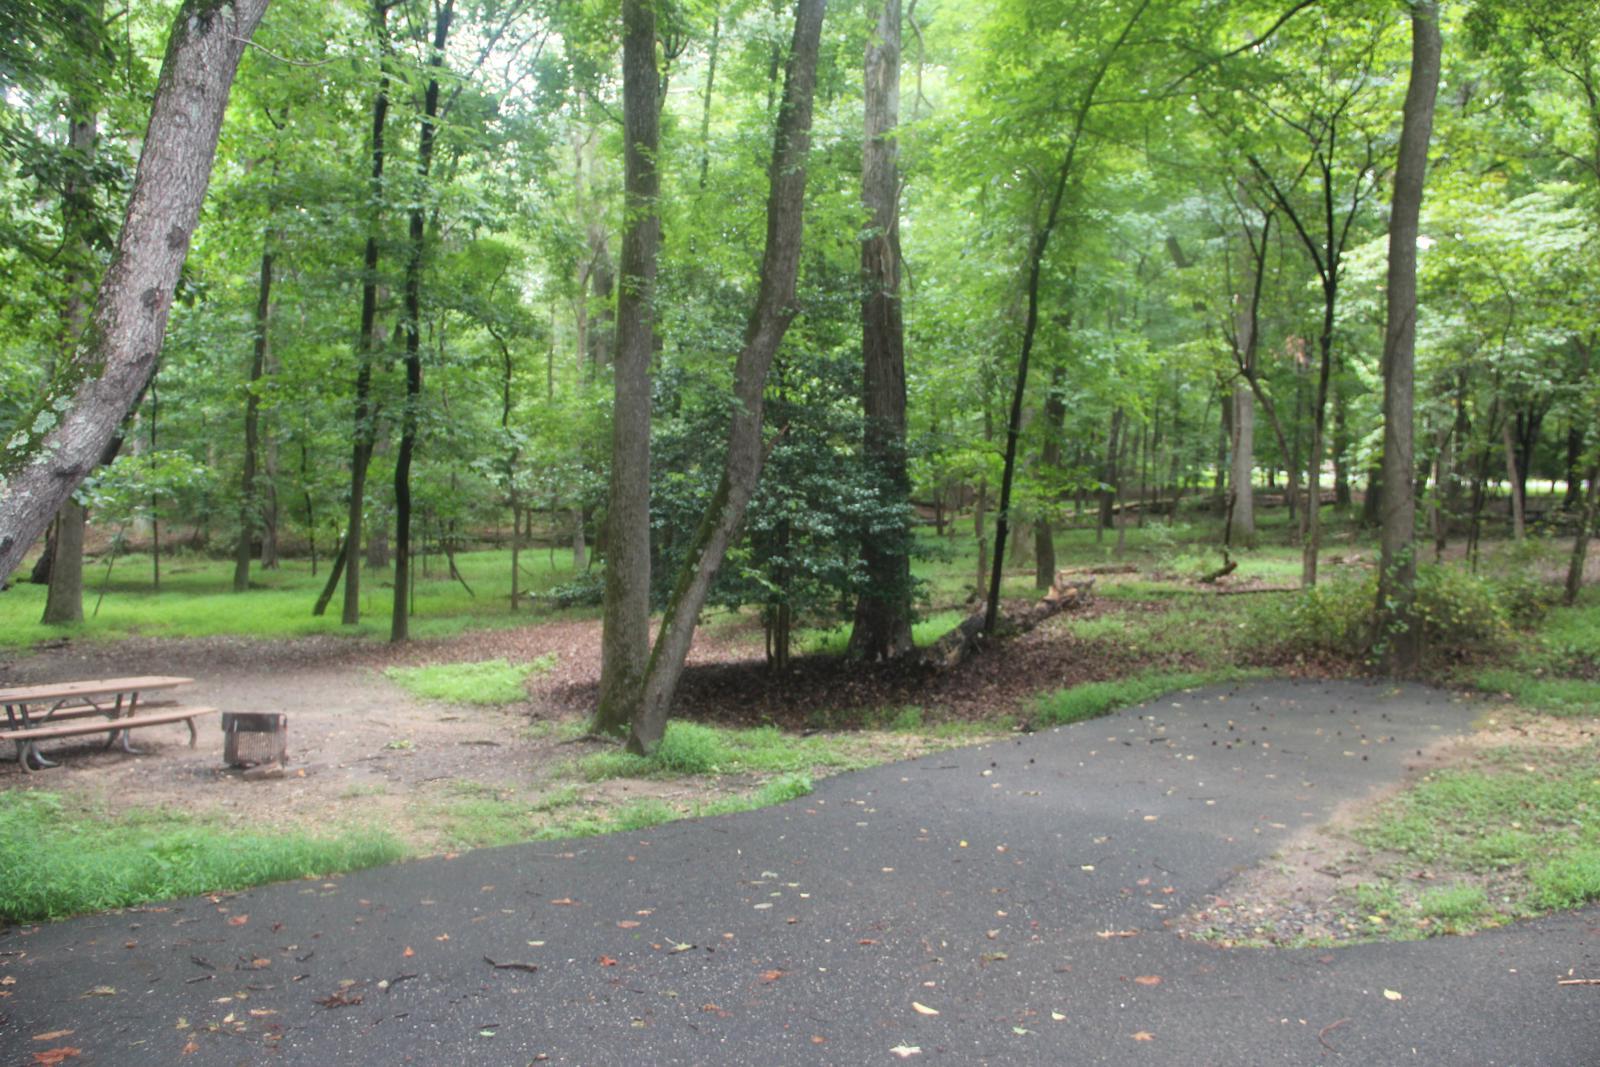 Greenbelt Park Campground Site 117